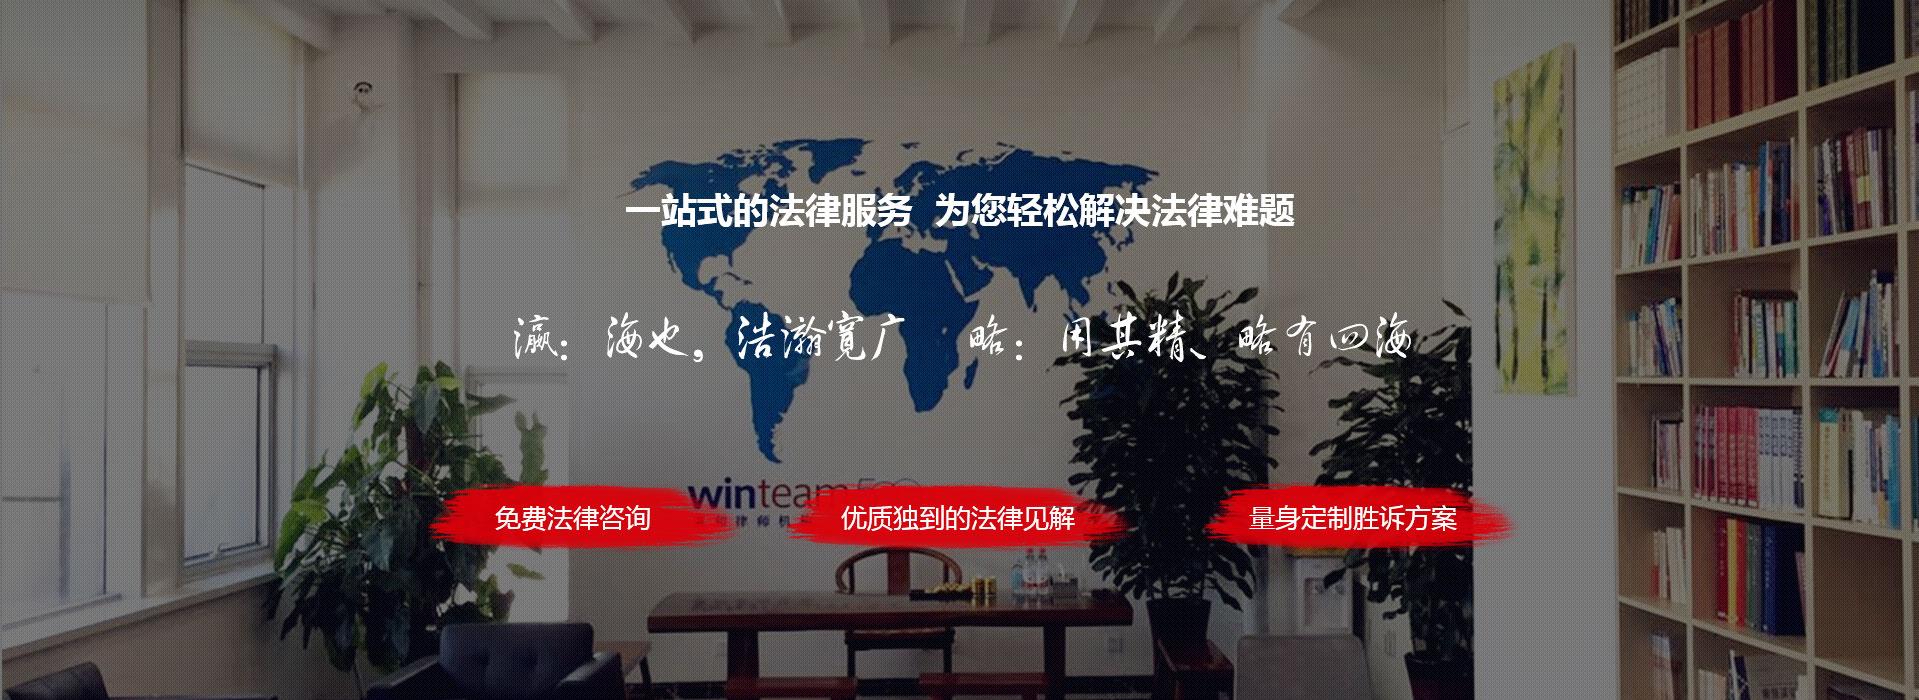 天津瀛略律师事务所